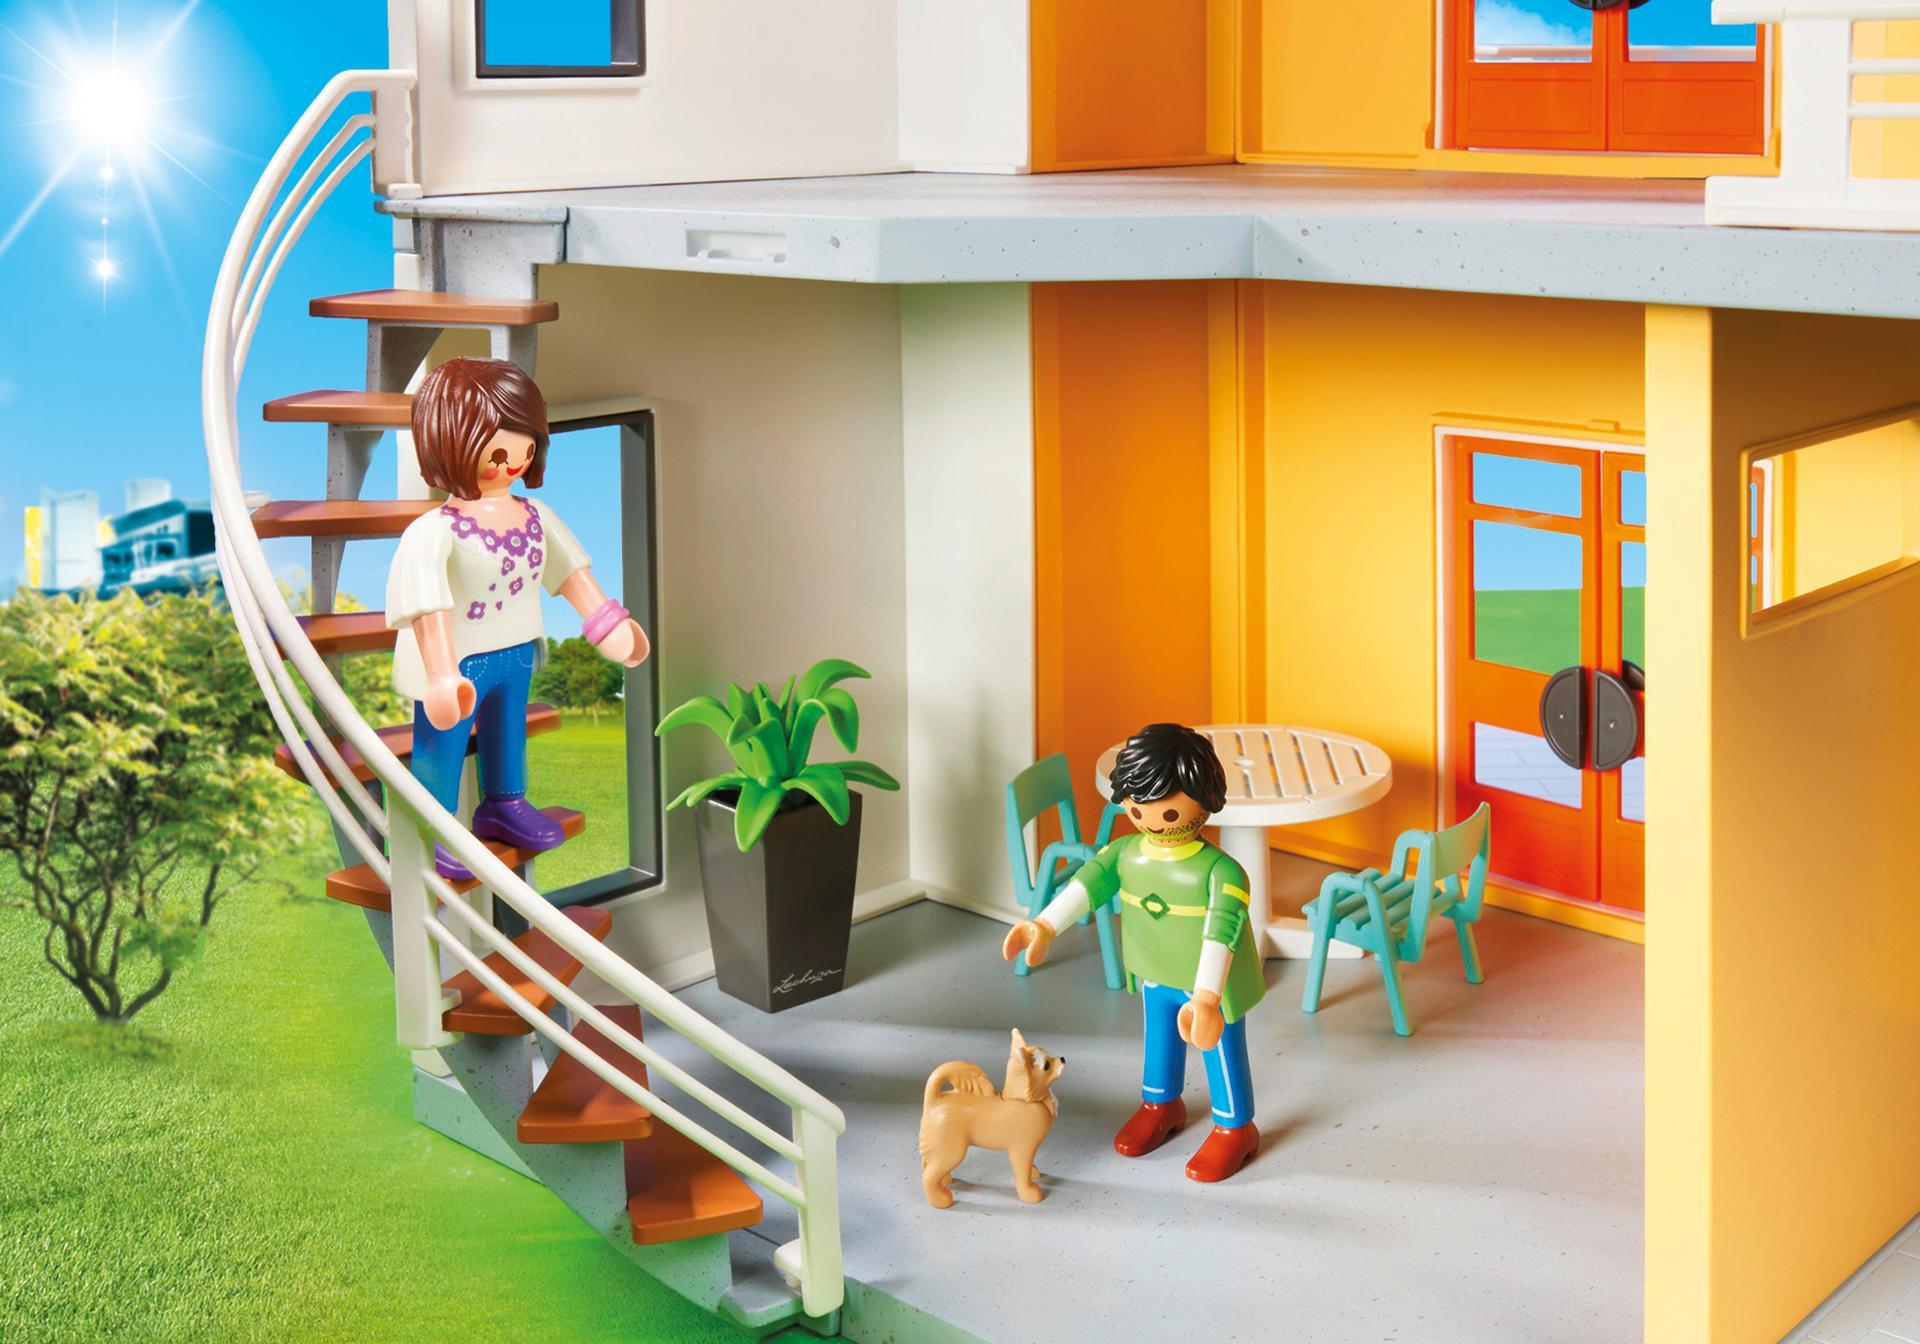 Maison moderne 9266 playmobil belgi for Maison moderne playmobil 2018